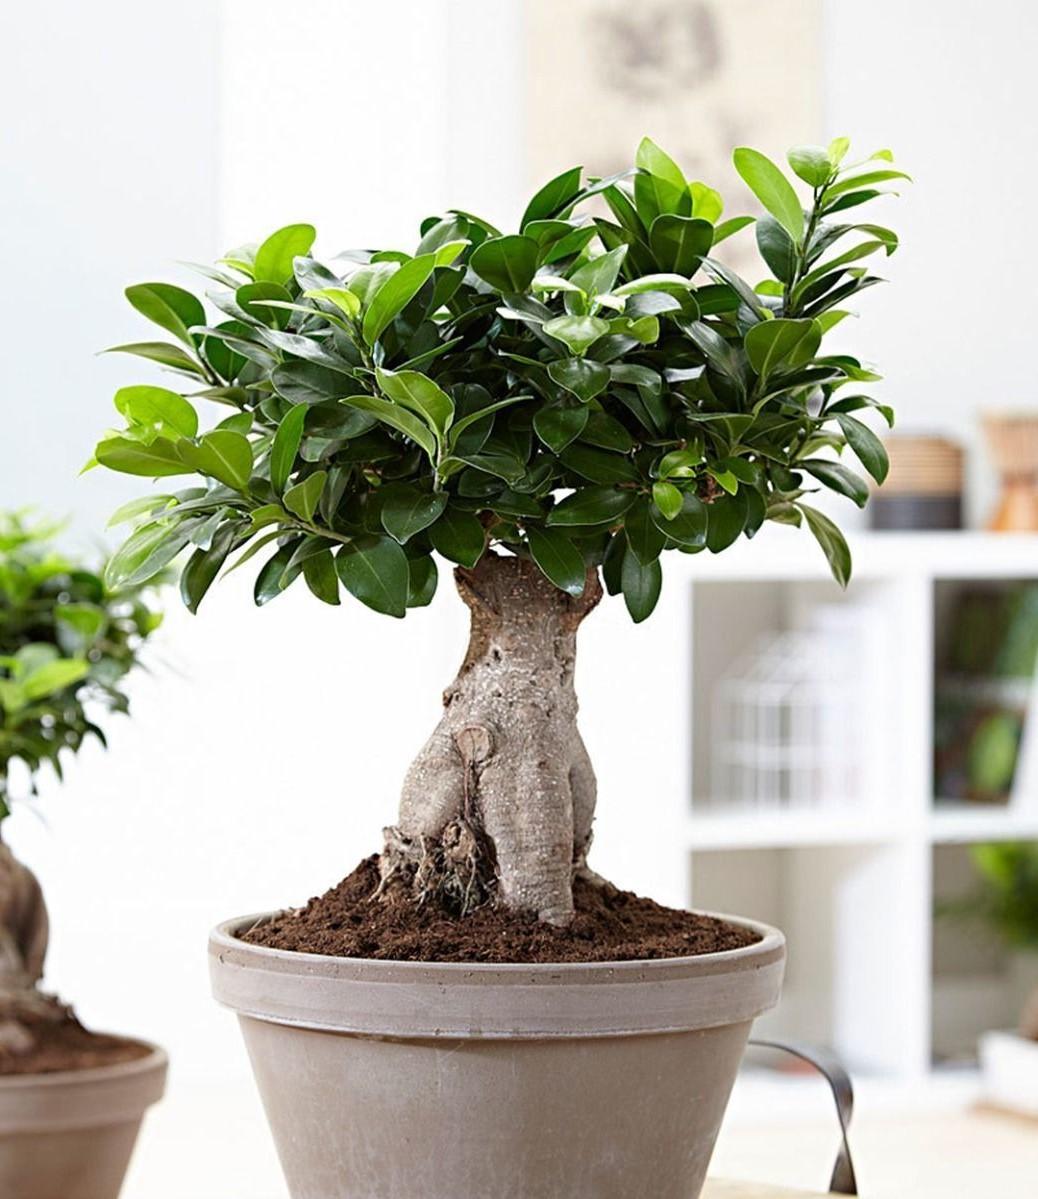 Achat de bonsaï: Utilisez vos doigts pour vérifier le sol à environ 1 cm de profondeur et ne laissez jamais un arbre sécher complètement!